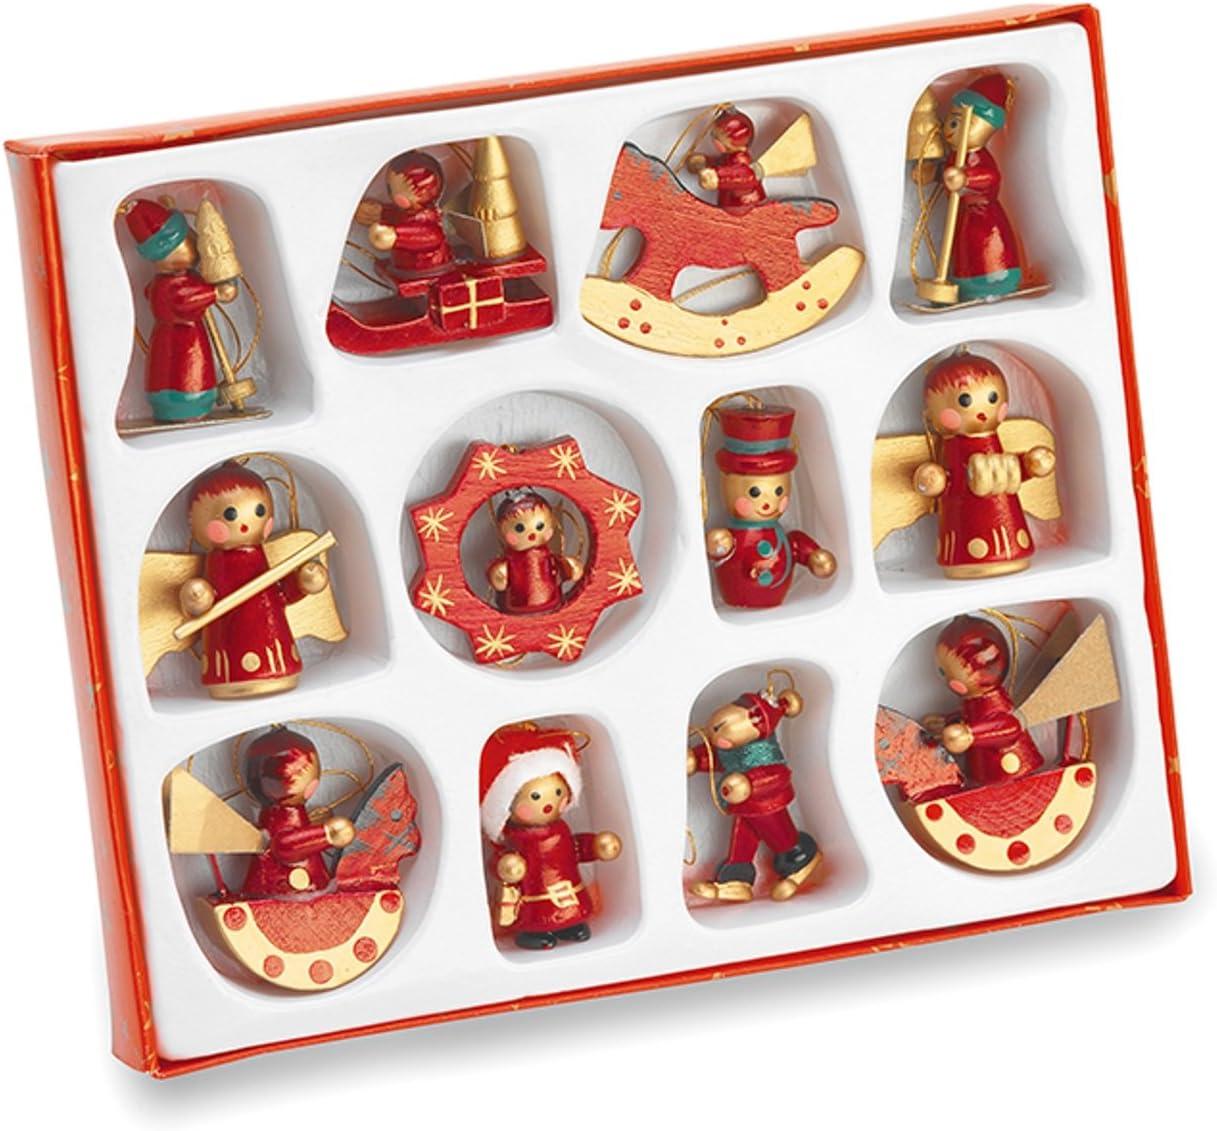 Juego de adornos para árbol de navidad (madera, pintados a mano ...